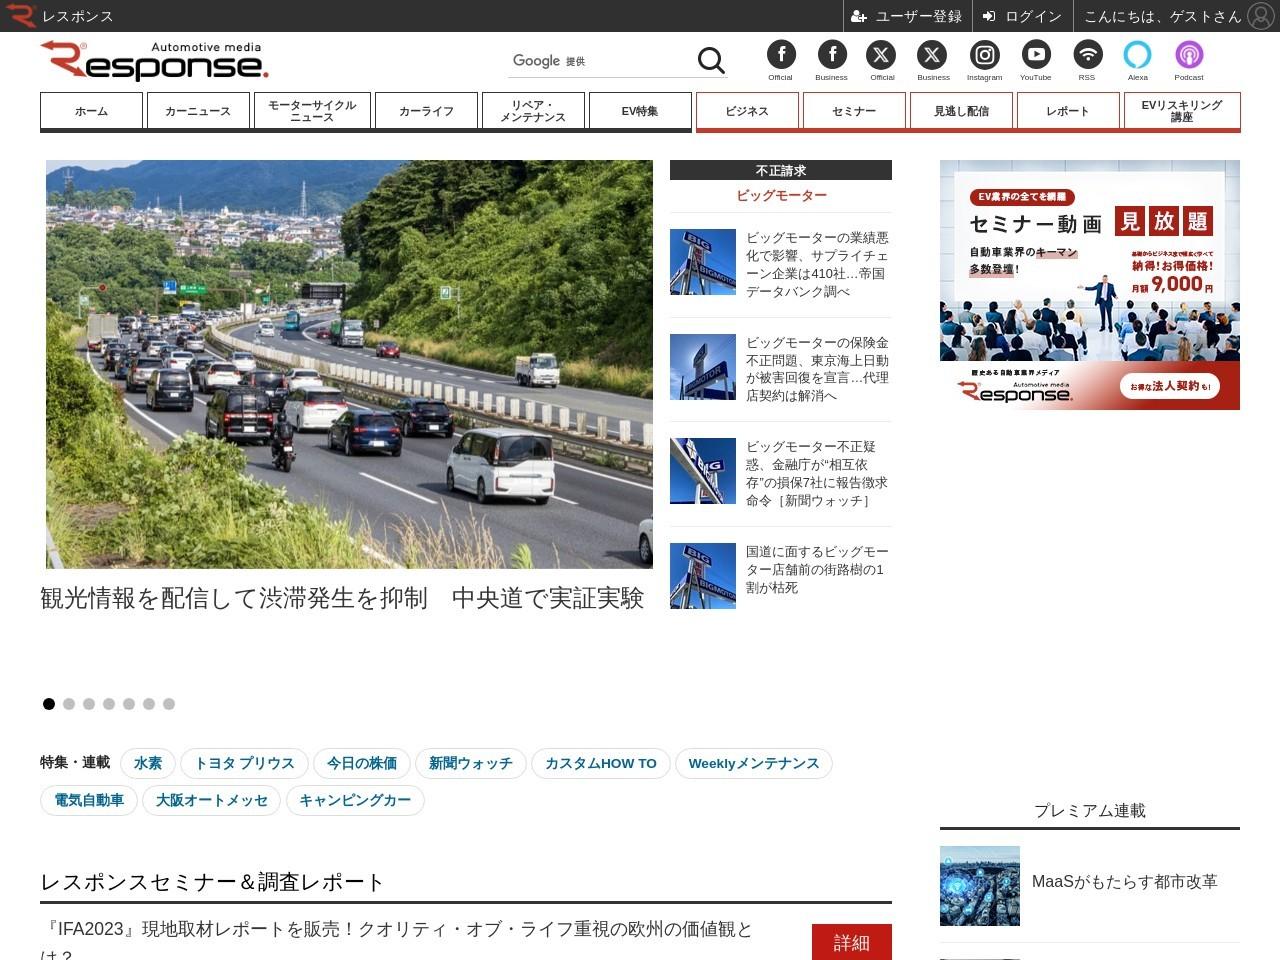 軽自動車販売、N-BOX が2万台超えで6か月連続トップ 2月車名別